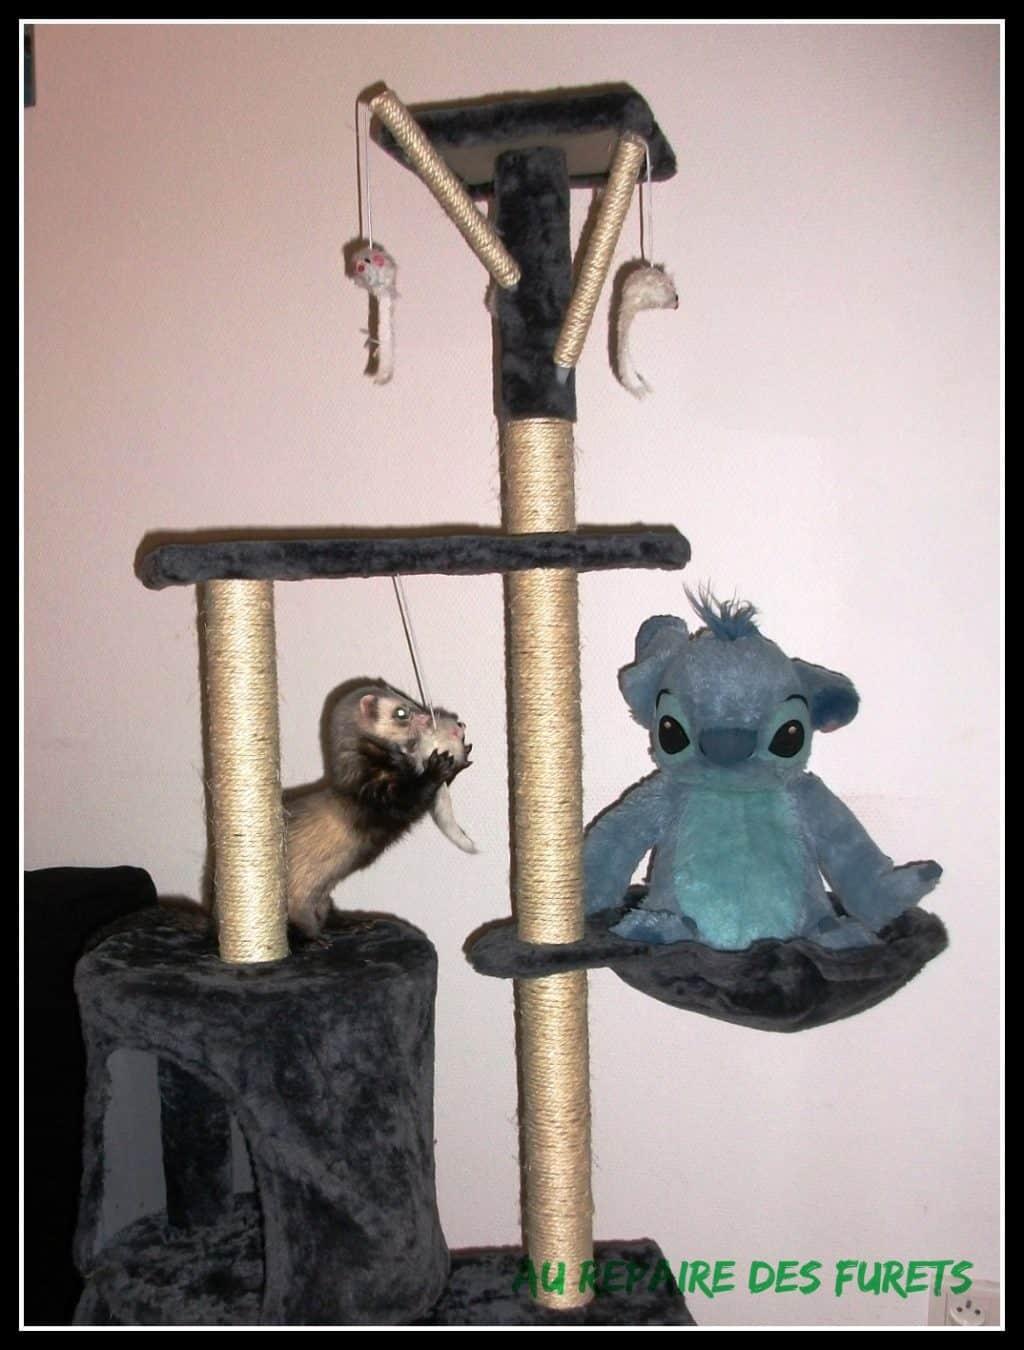 Comment Fabriquer Un Arbre À Chat arbre à chat, arbre à furets - repaire des furets